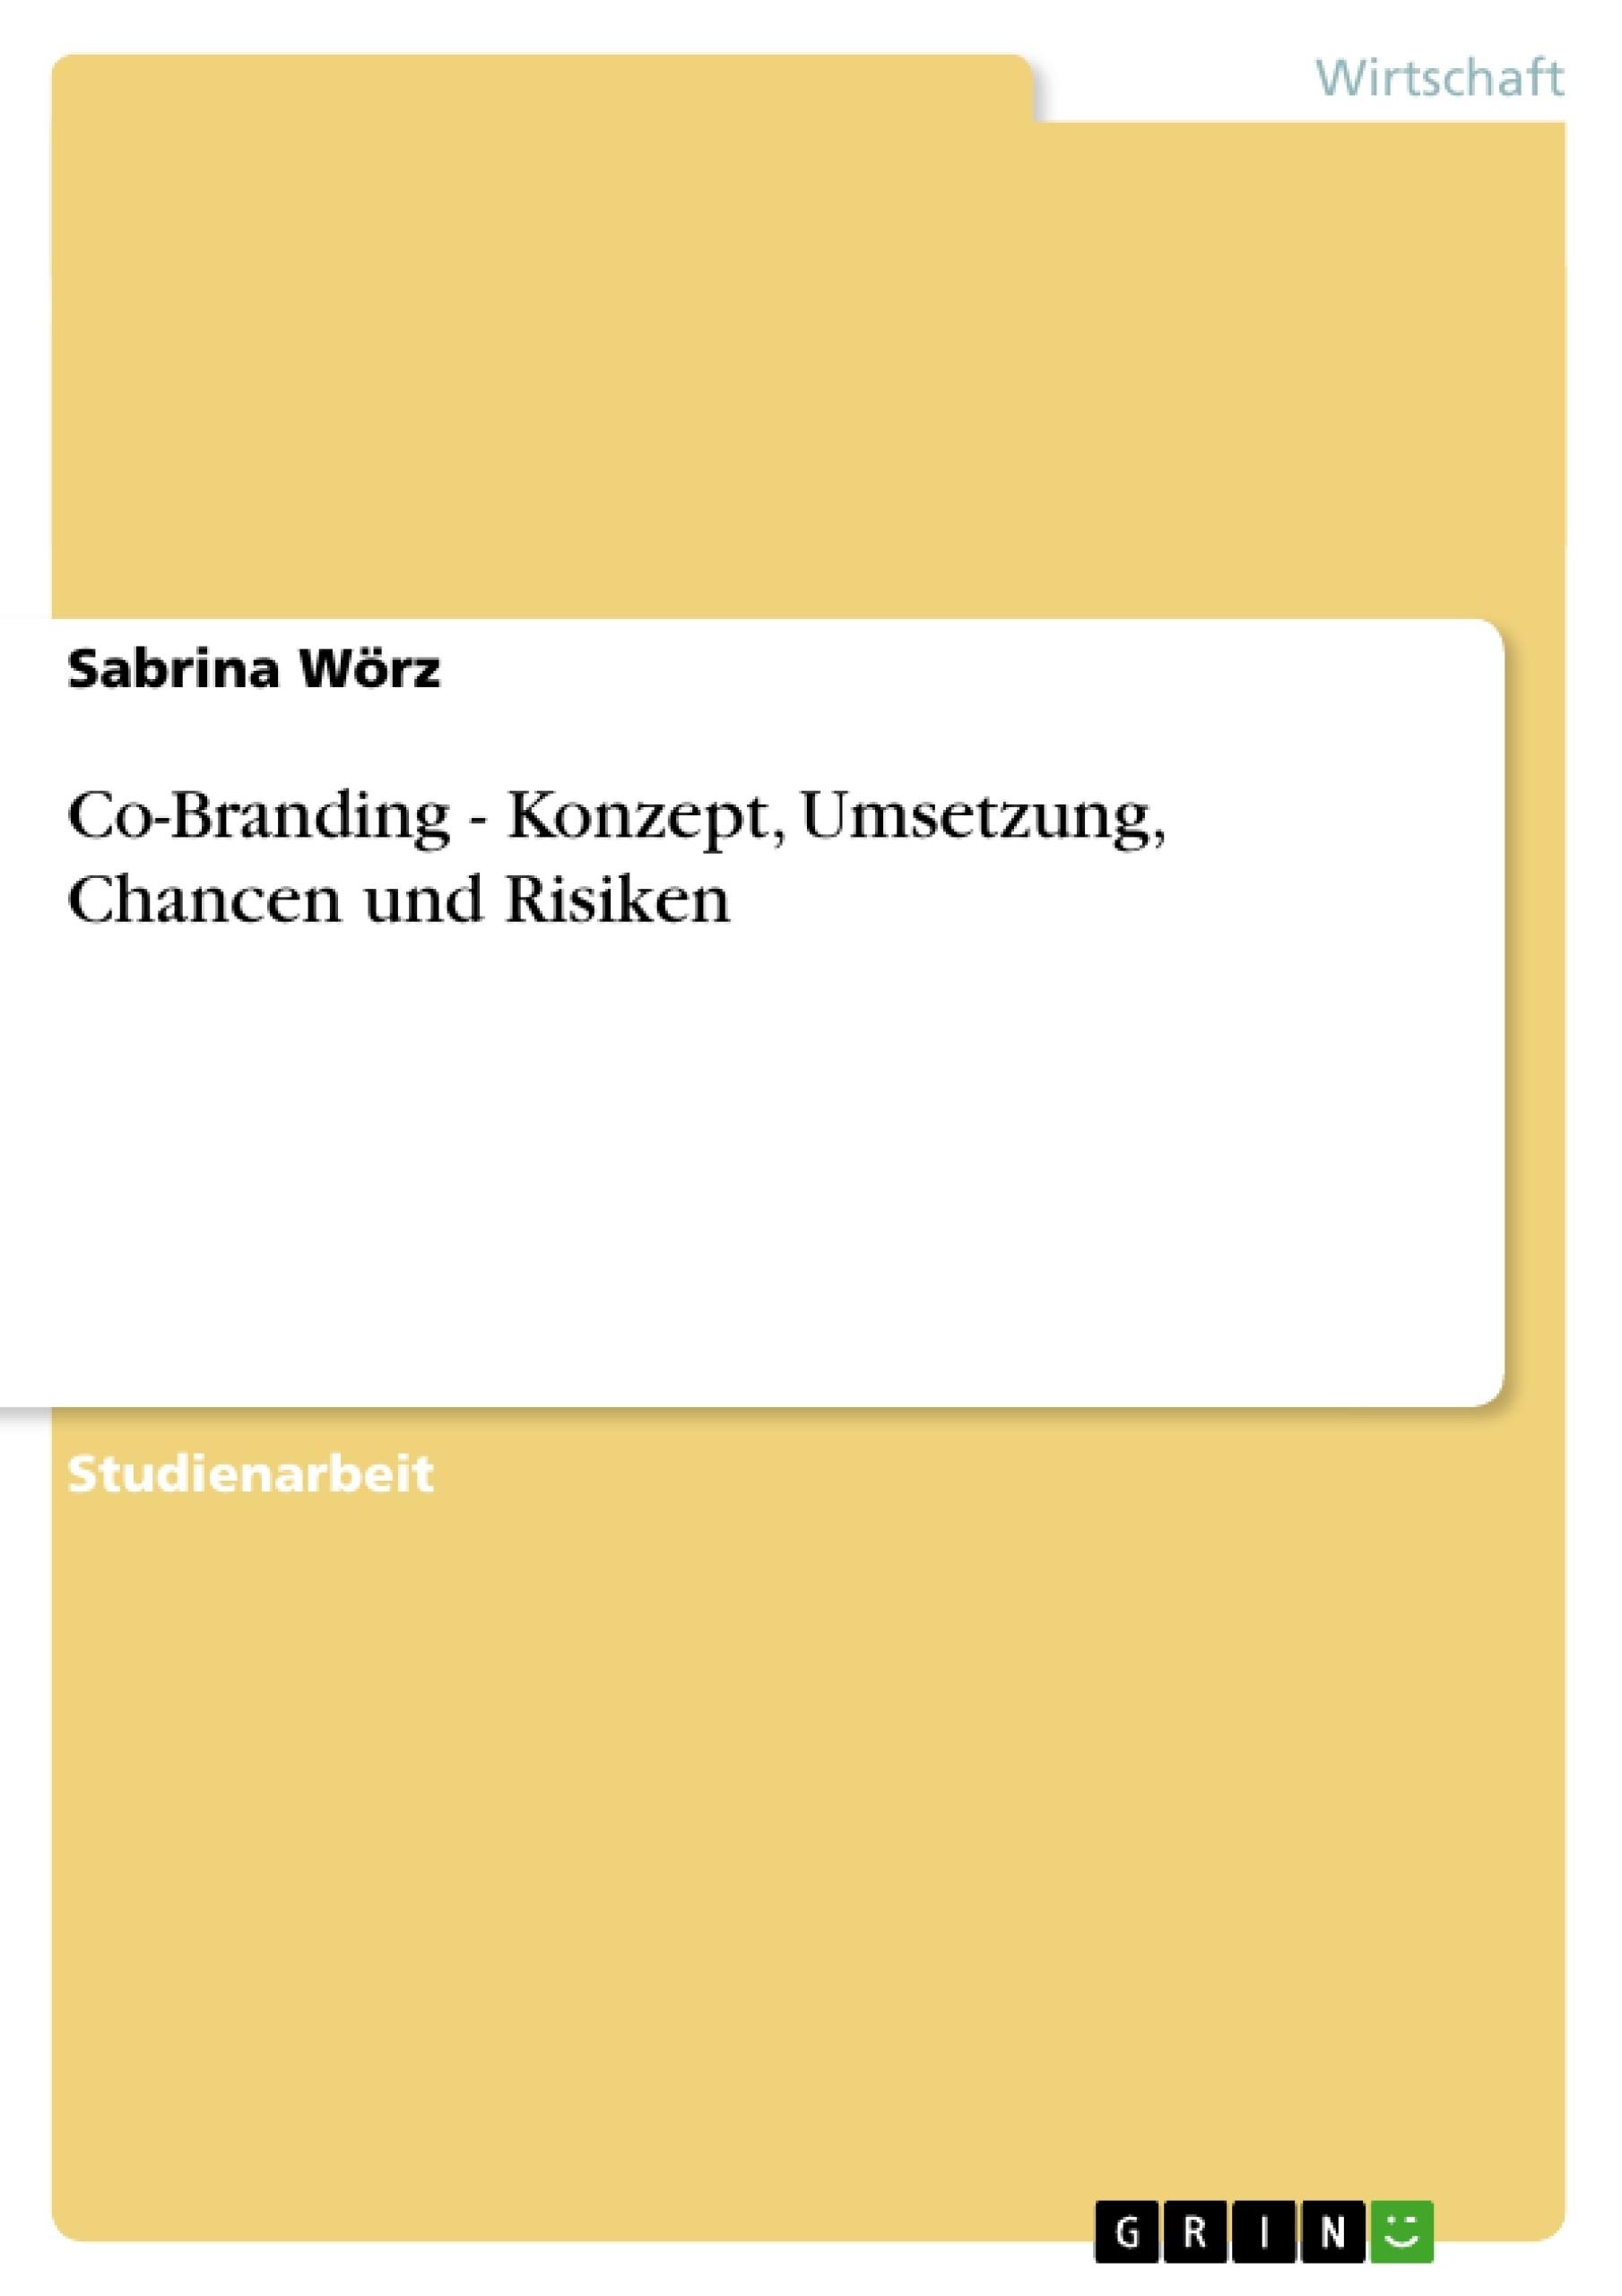 Titel: Co-Branding - Konzept, Umsetzung, Chancen und Risiken